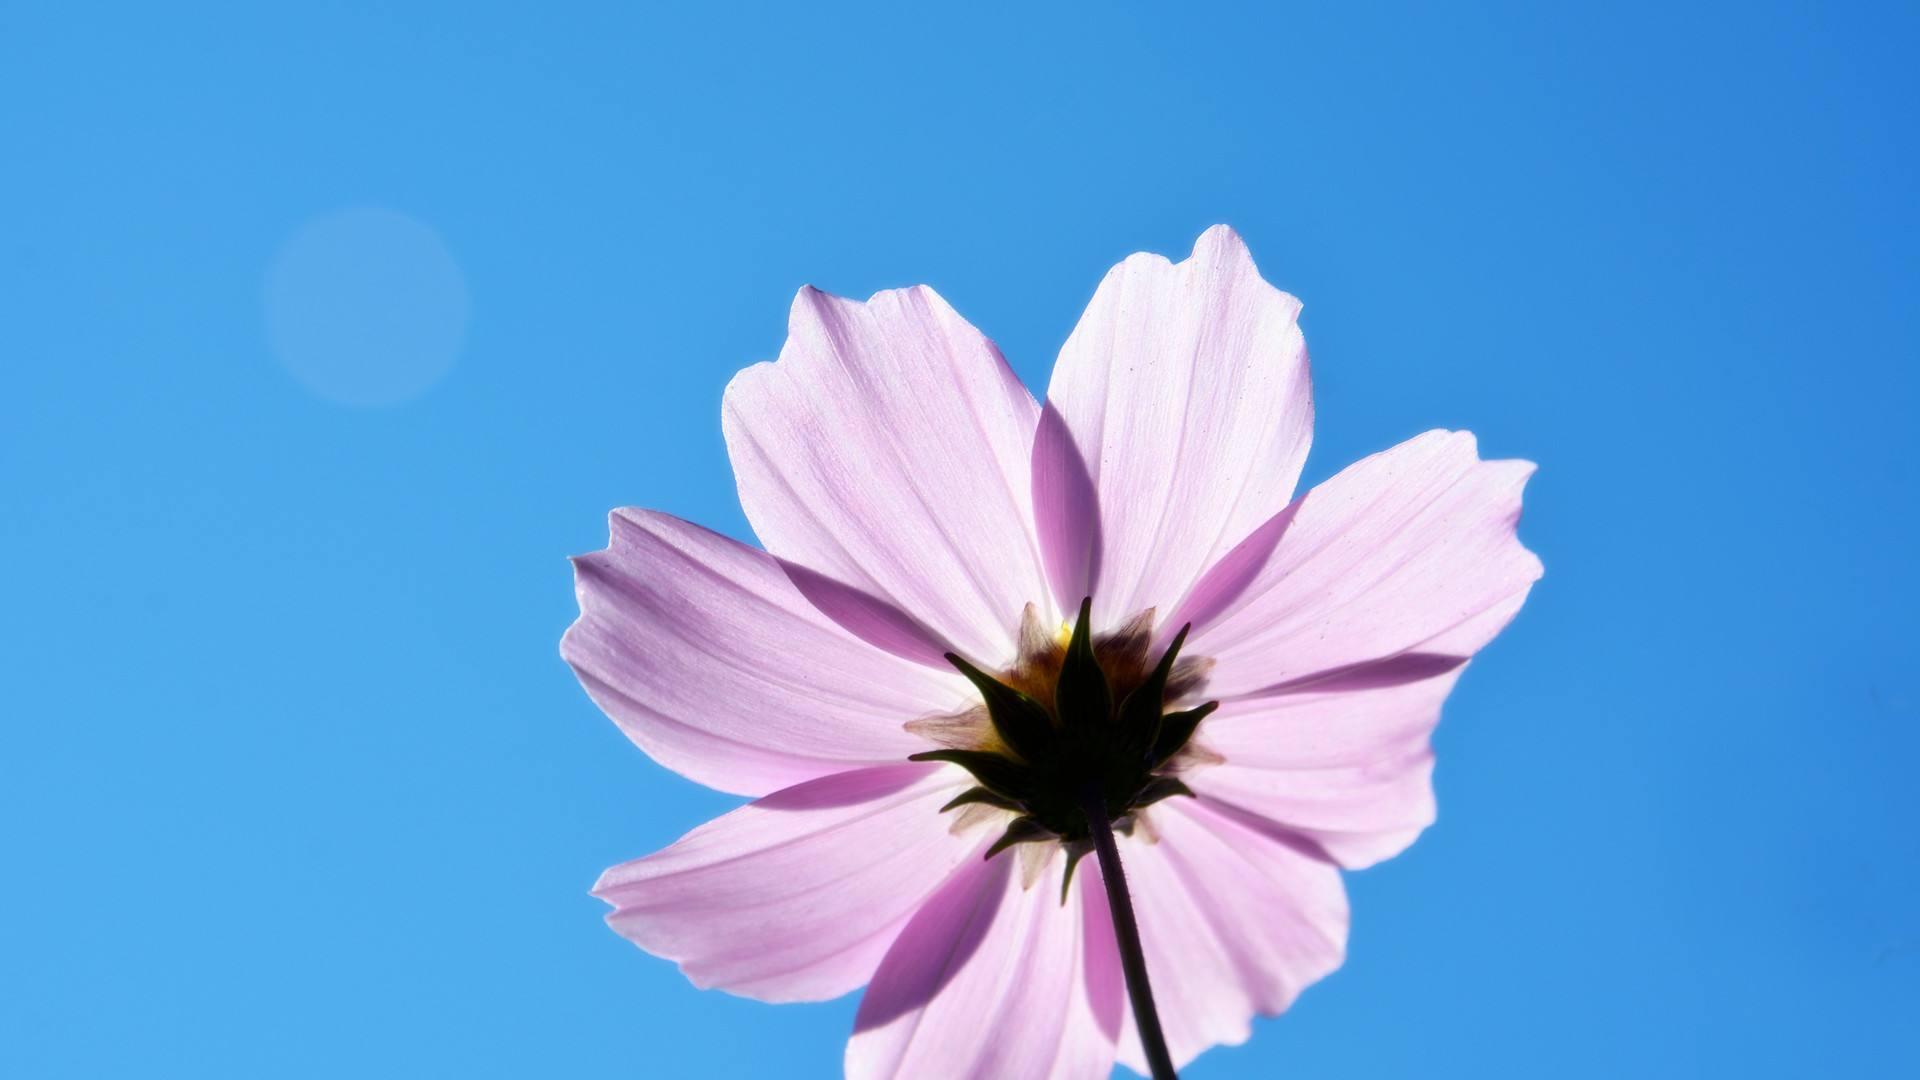 人生需要理想的生活感悟语录:向自己想要的出发